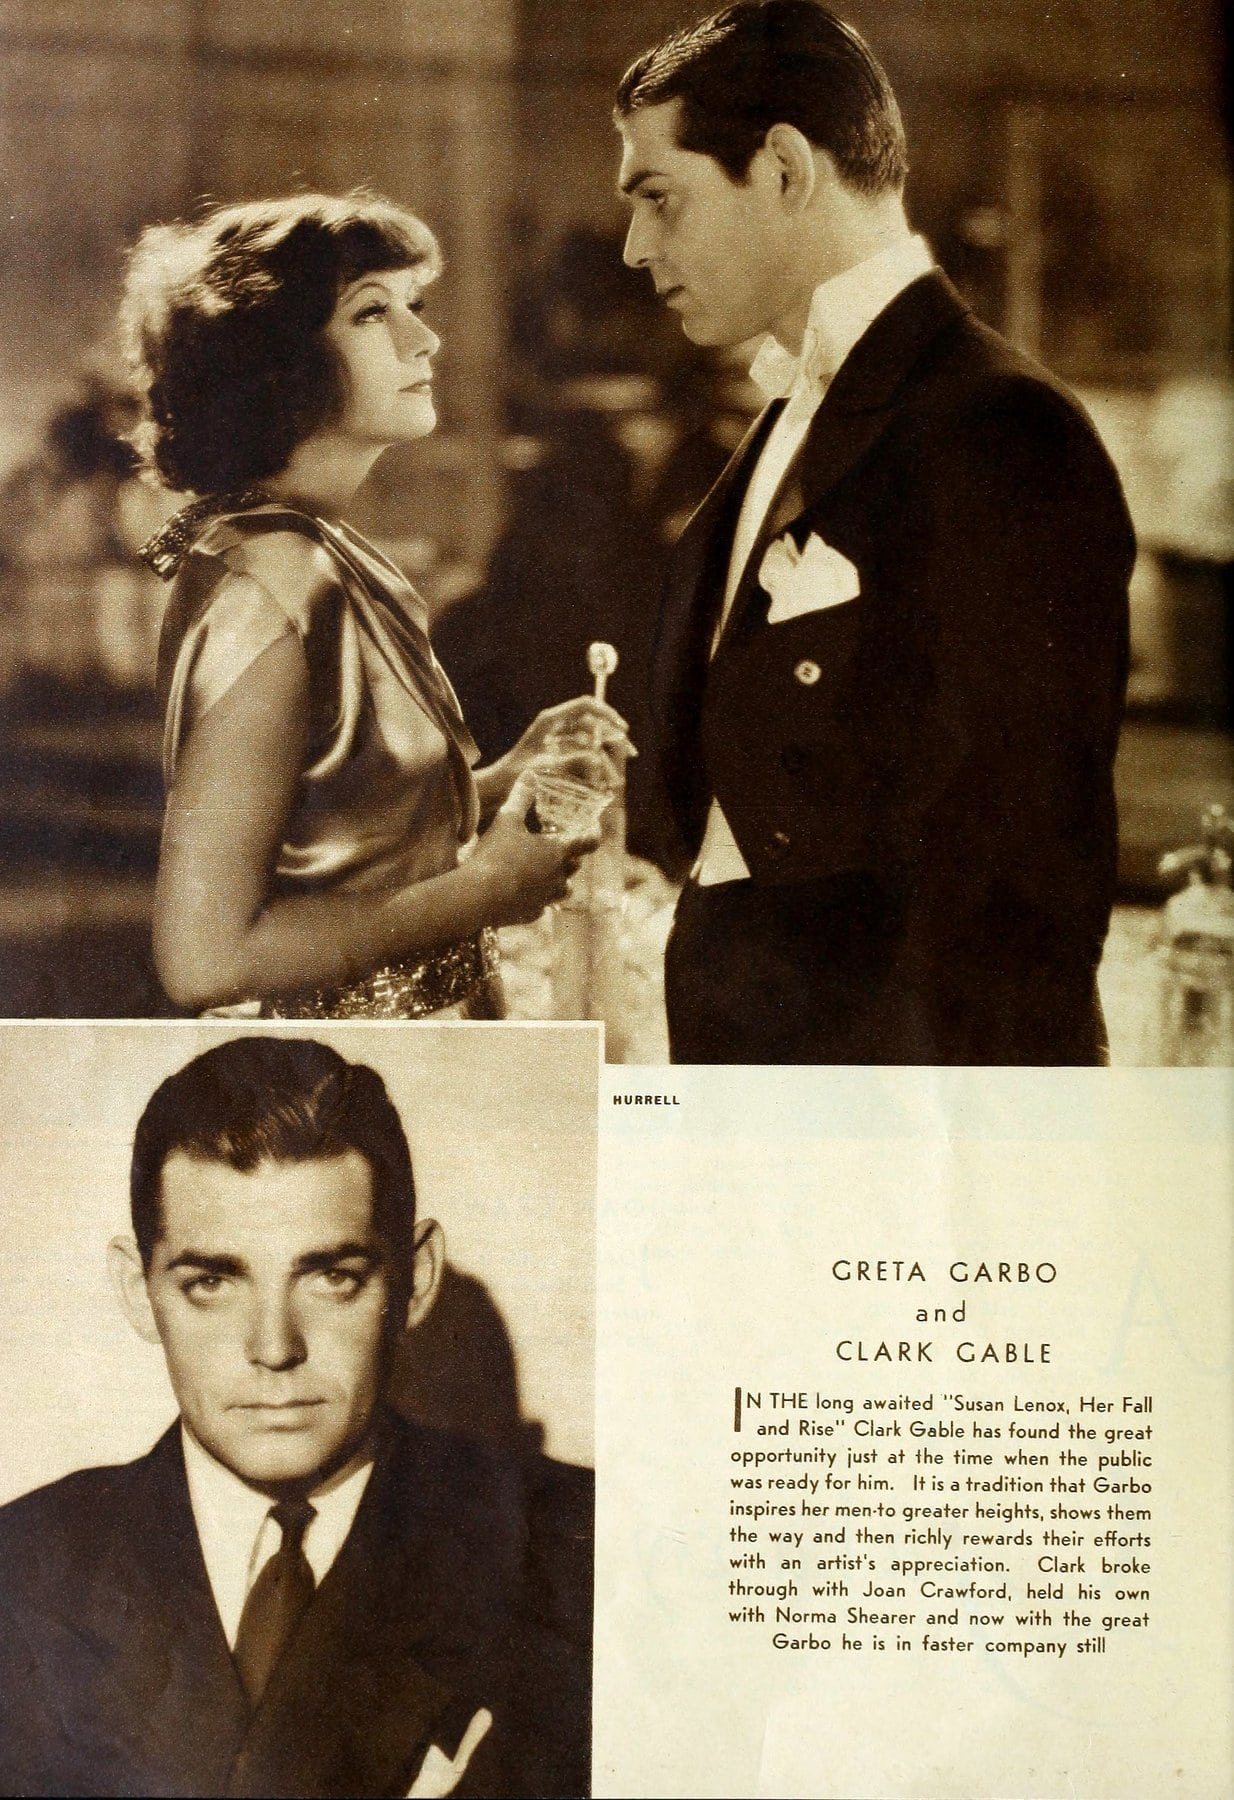 Greta Garbo in 1930-1931 - With Clark Gable